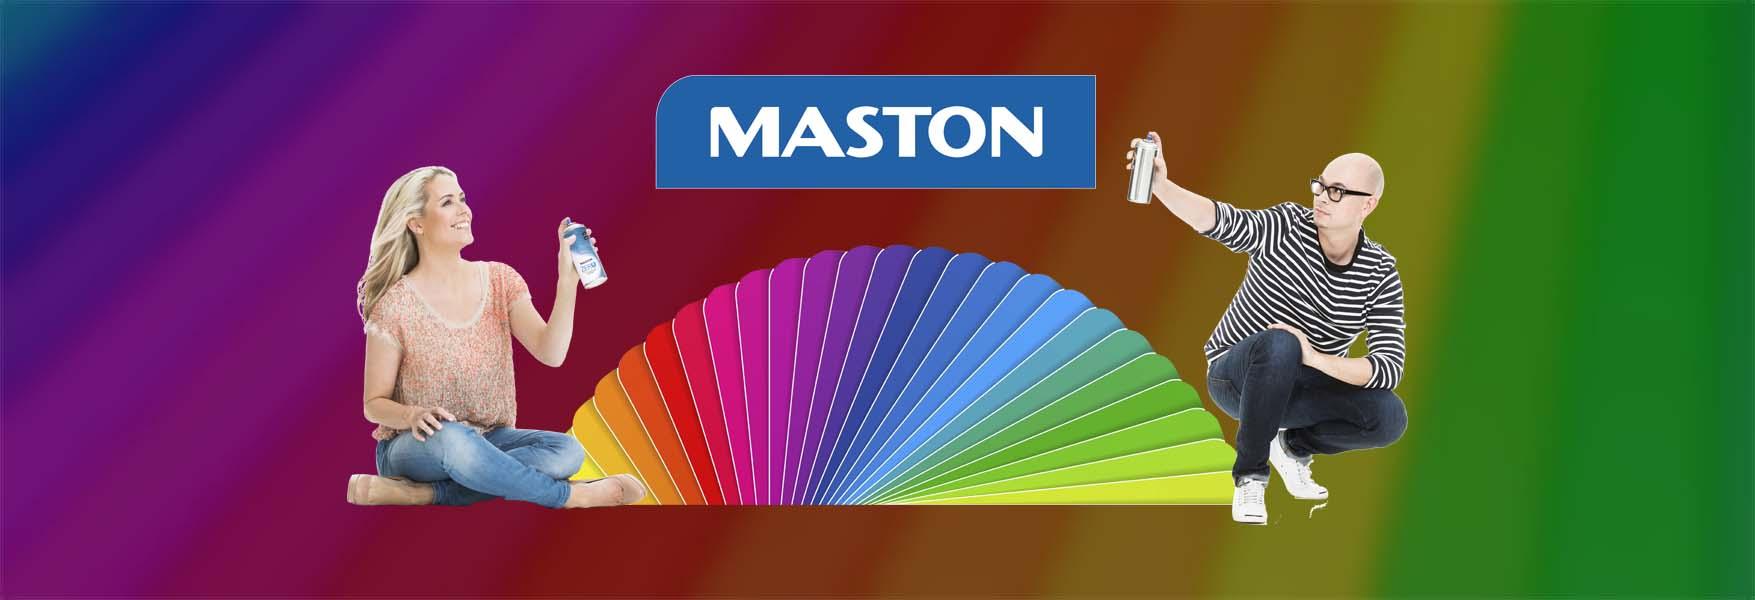 Maston slide